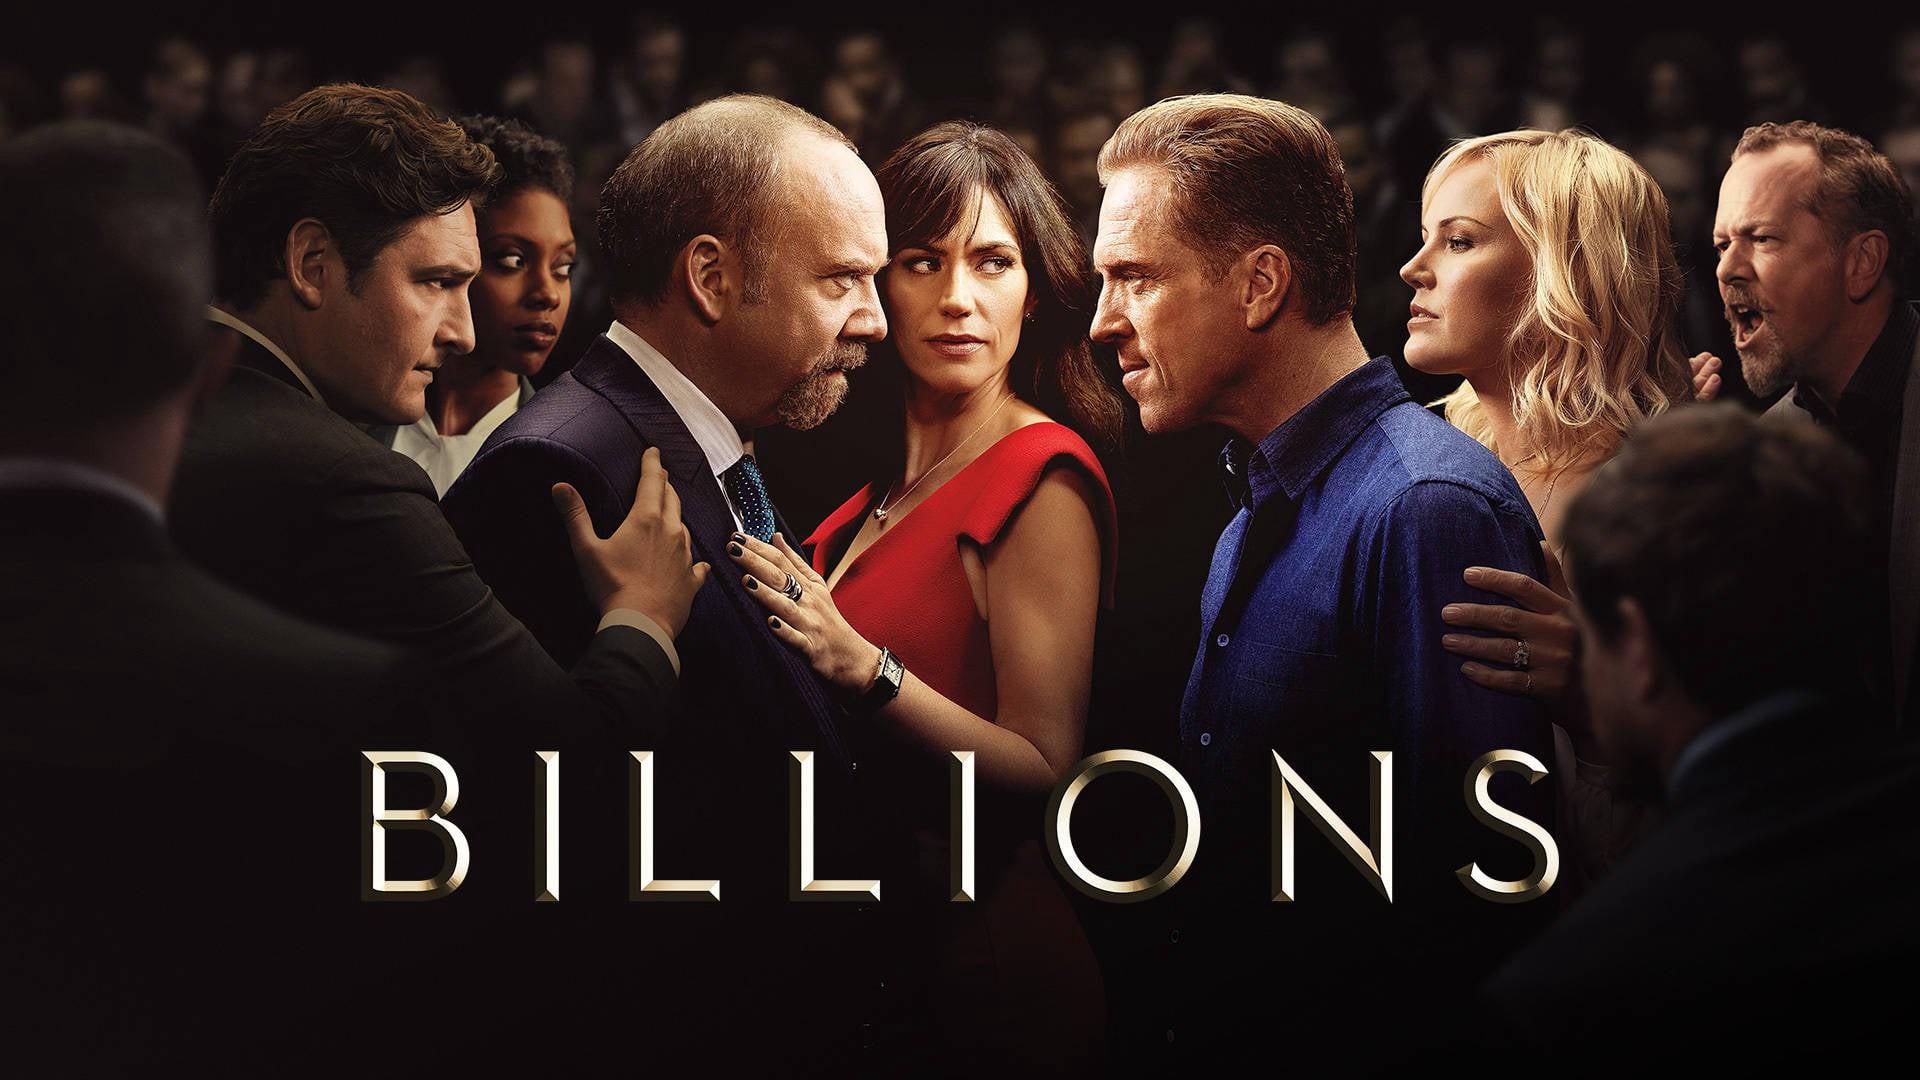 Popular serie estadounidense 'Billions' menciona al Bitcoin en el capítulo estreno de su quinta temporada